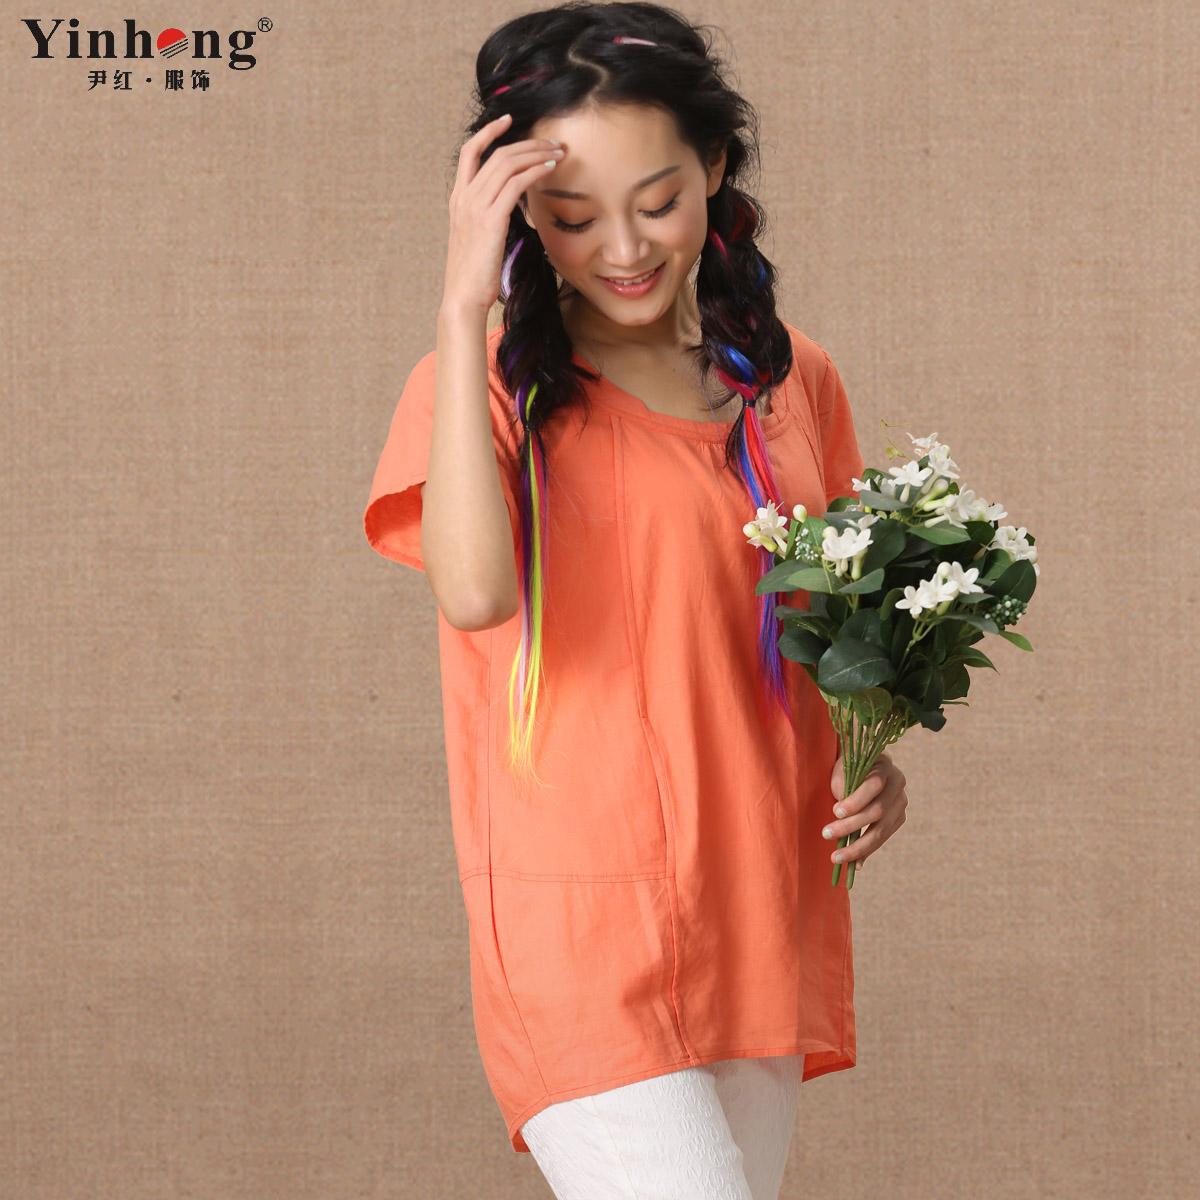 尹红大码t恤2014夏装新款 麻质面料中长圆领短袖纯色韩版通勤女装